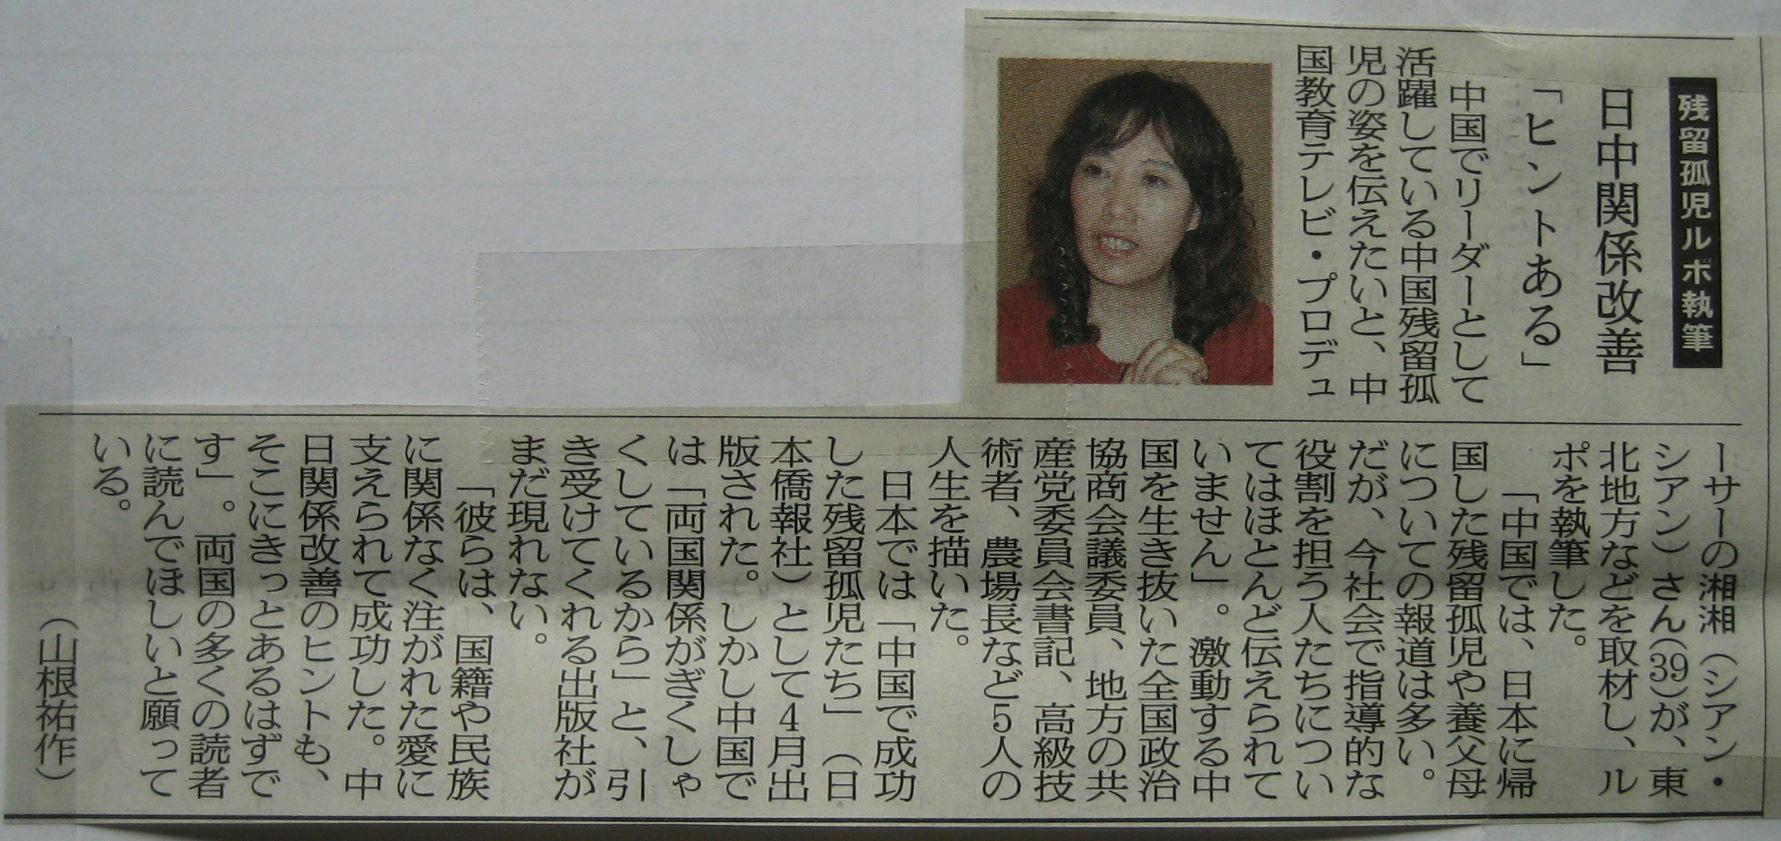 『中国で成功した残留孤児たち』 朝日新聞夕刊に紹介された_d0027795_1646097.jpg